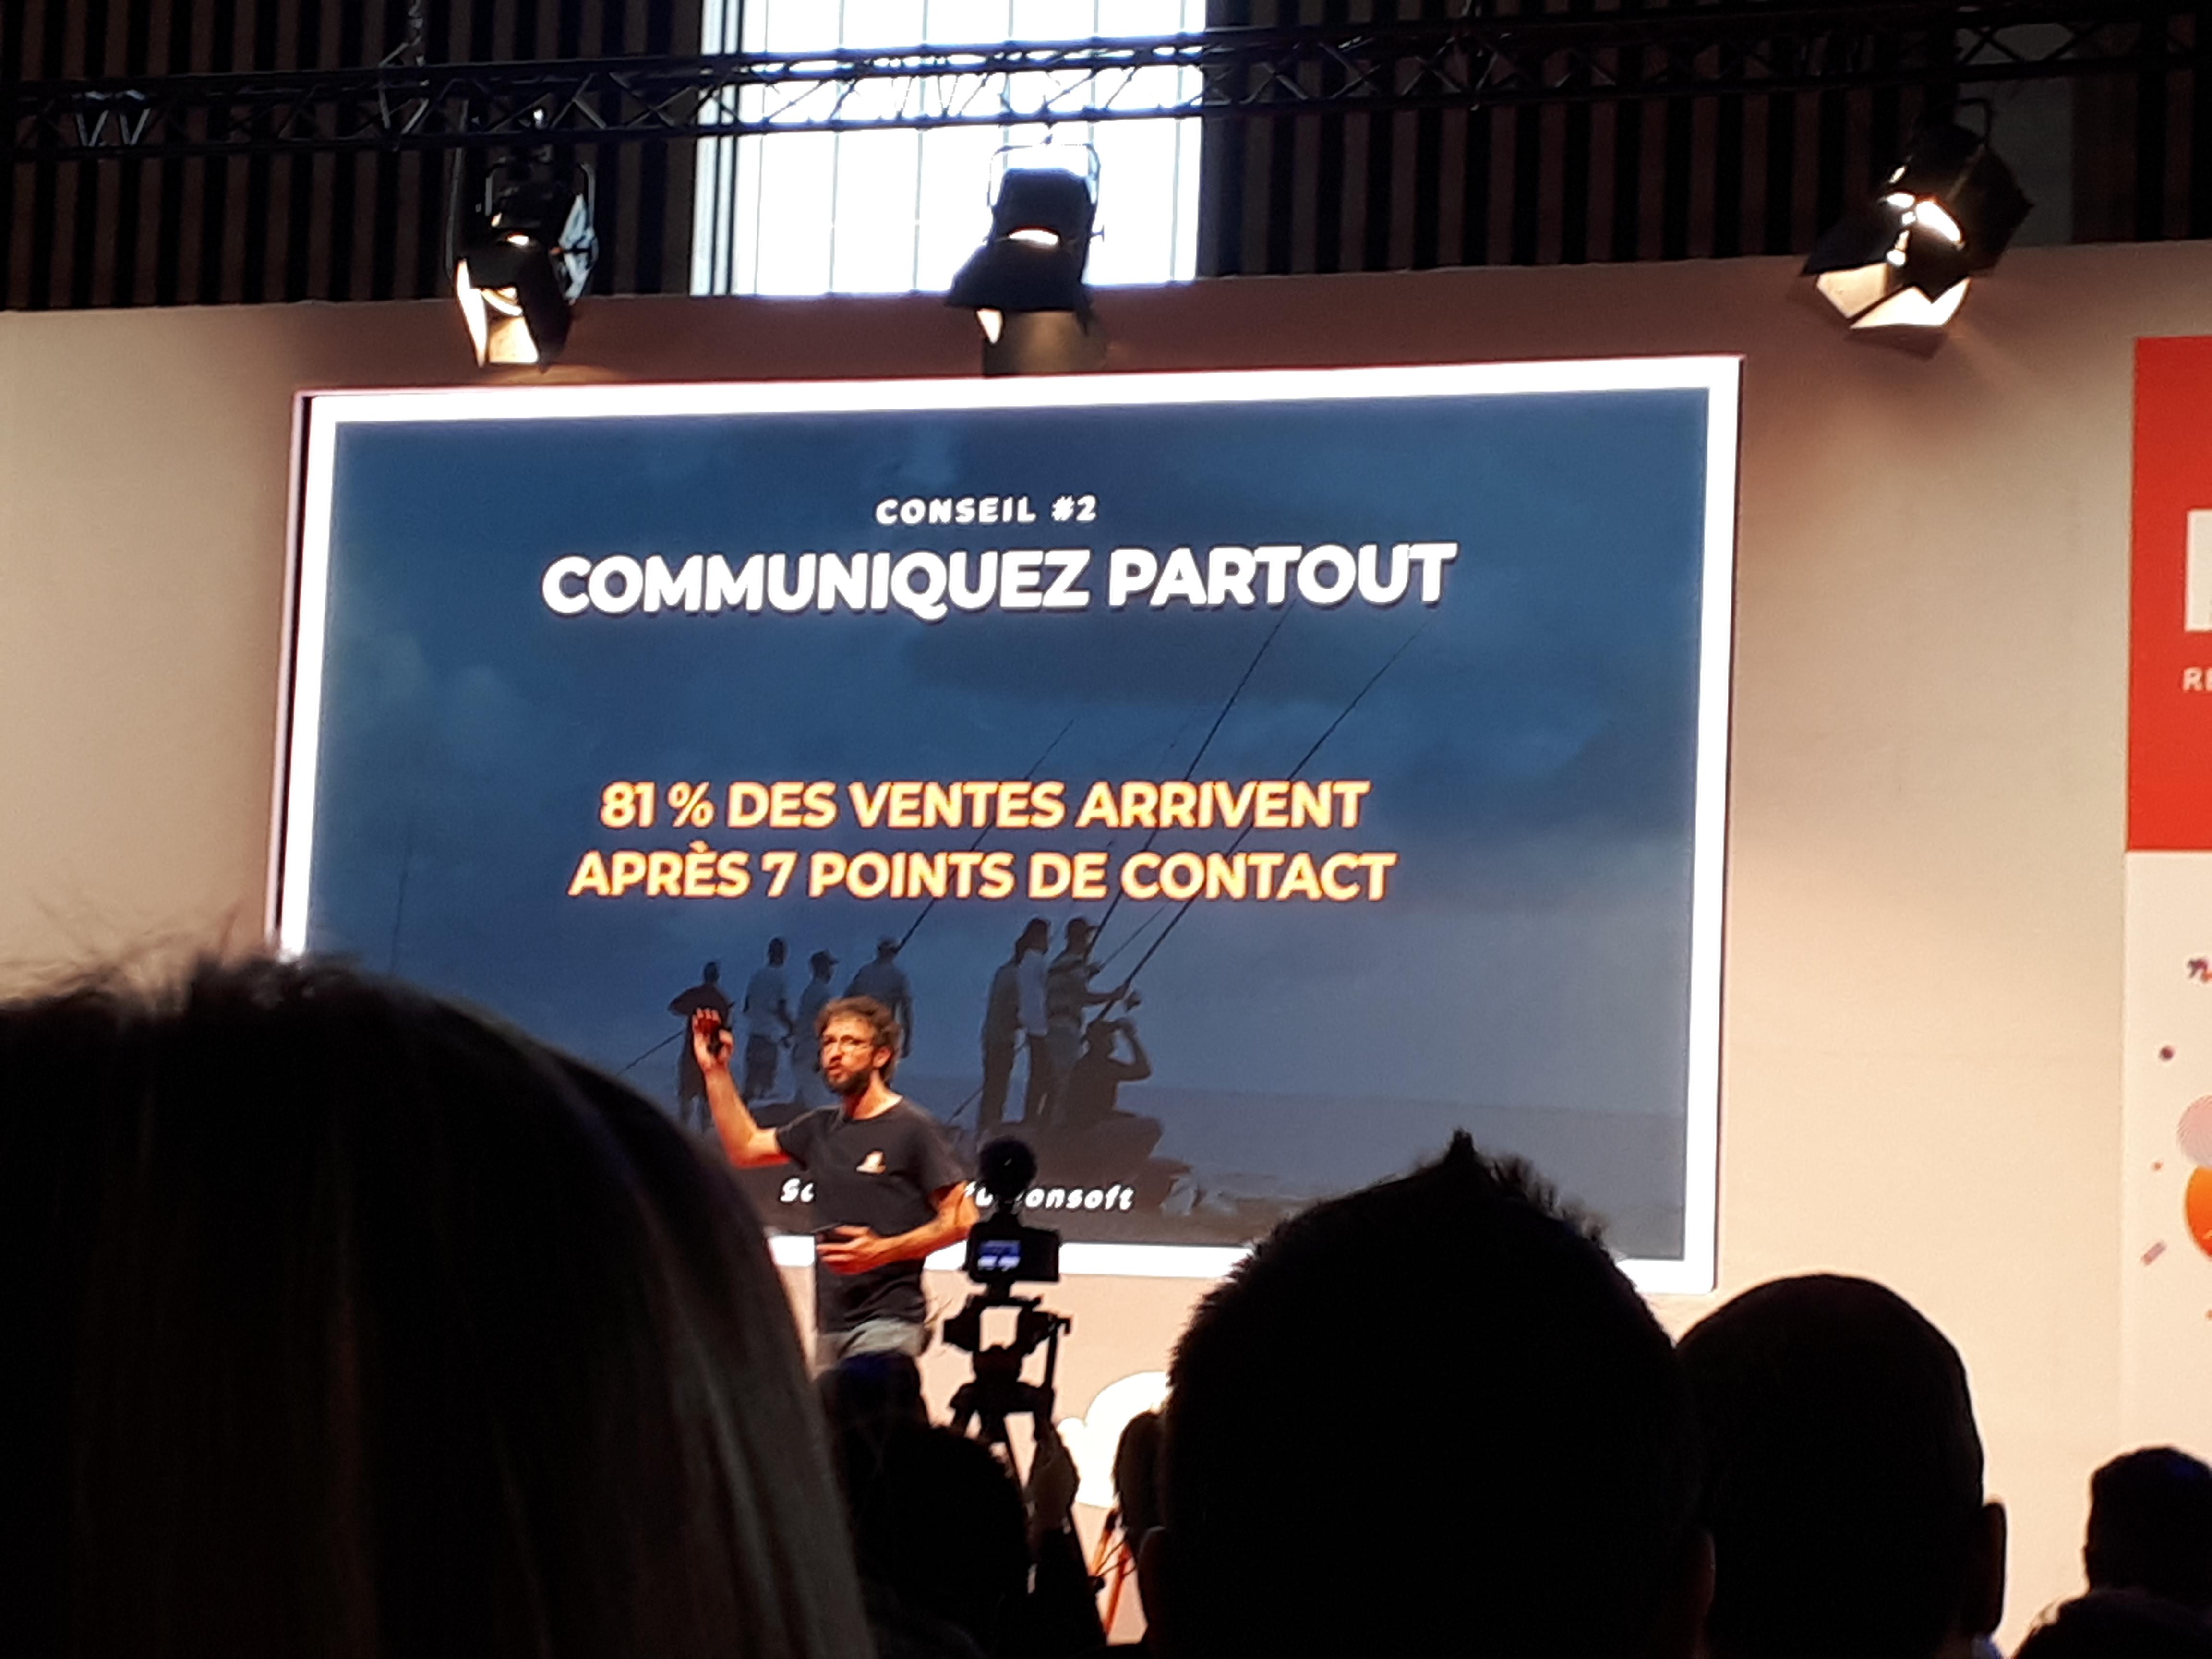 Communiquez partout - 81% des ventes arrivent après 7 points de contact